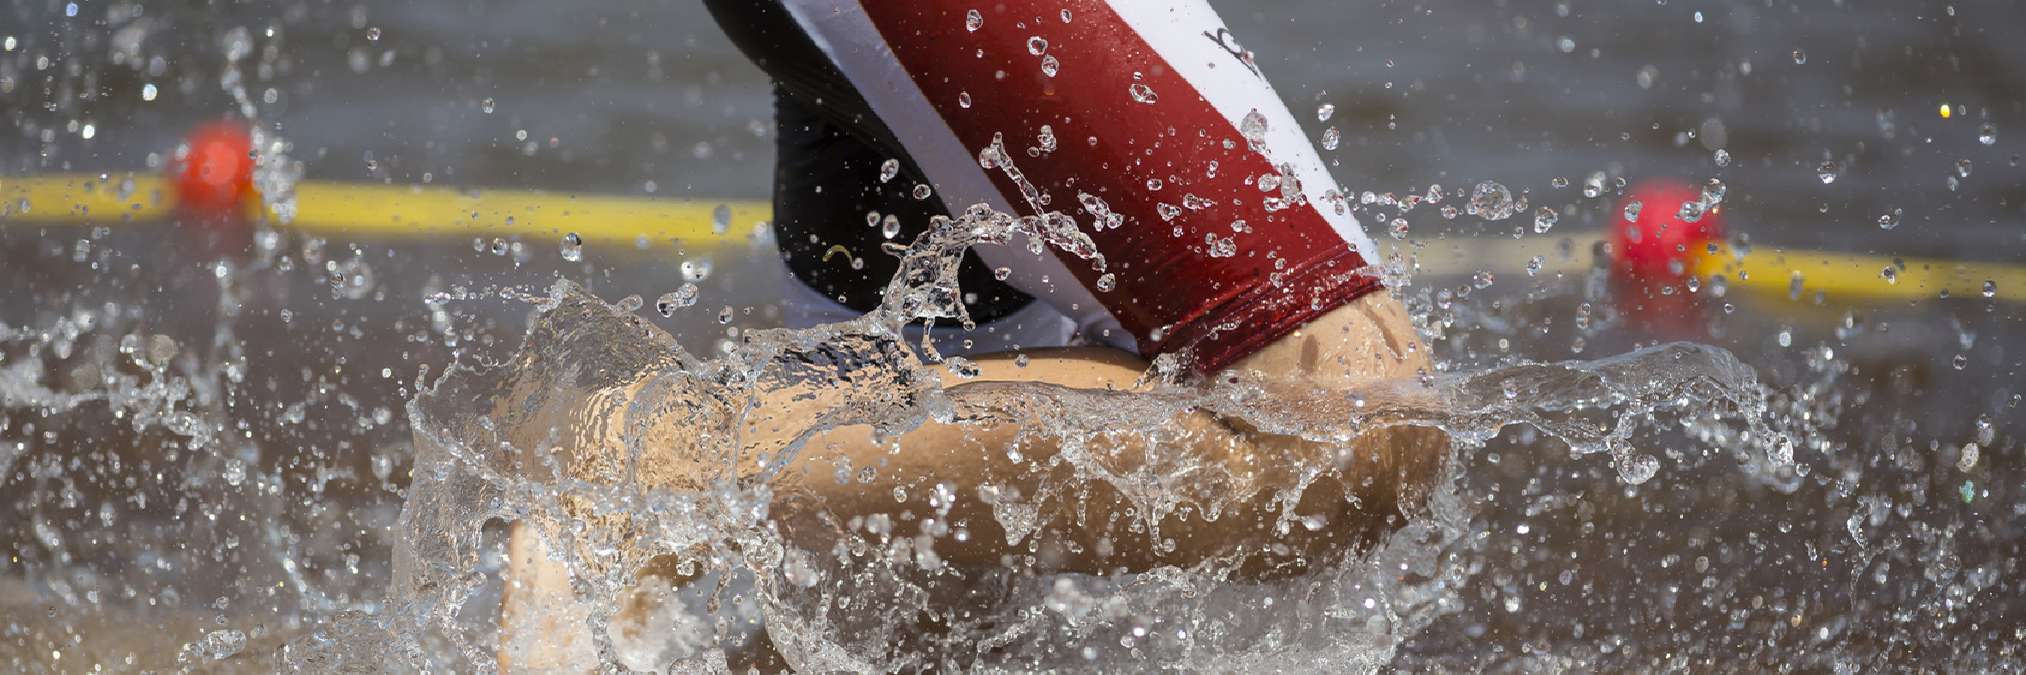 Triathlon - Schwimmen